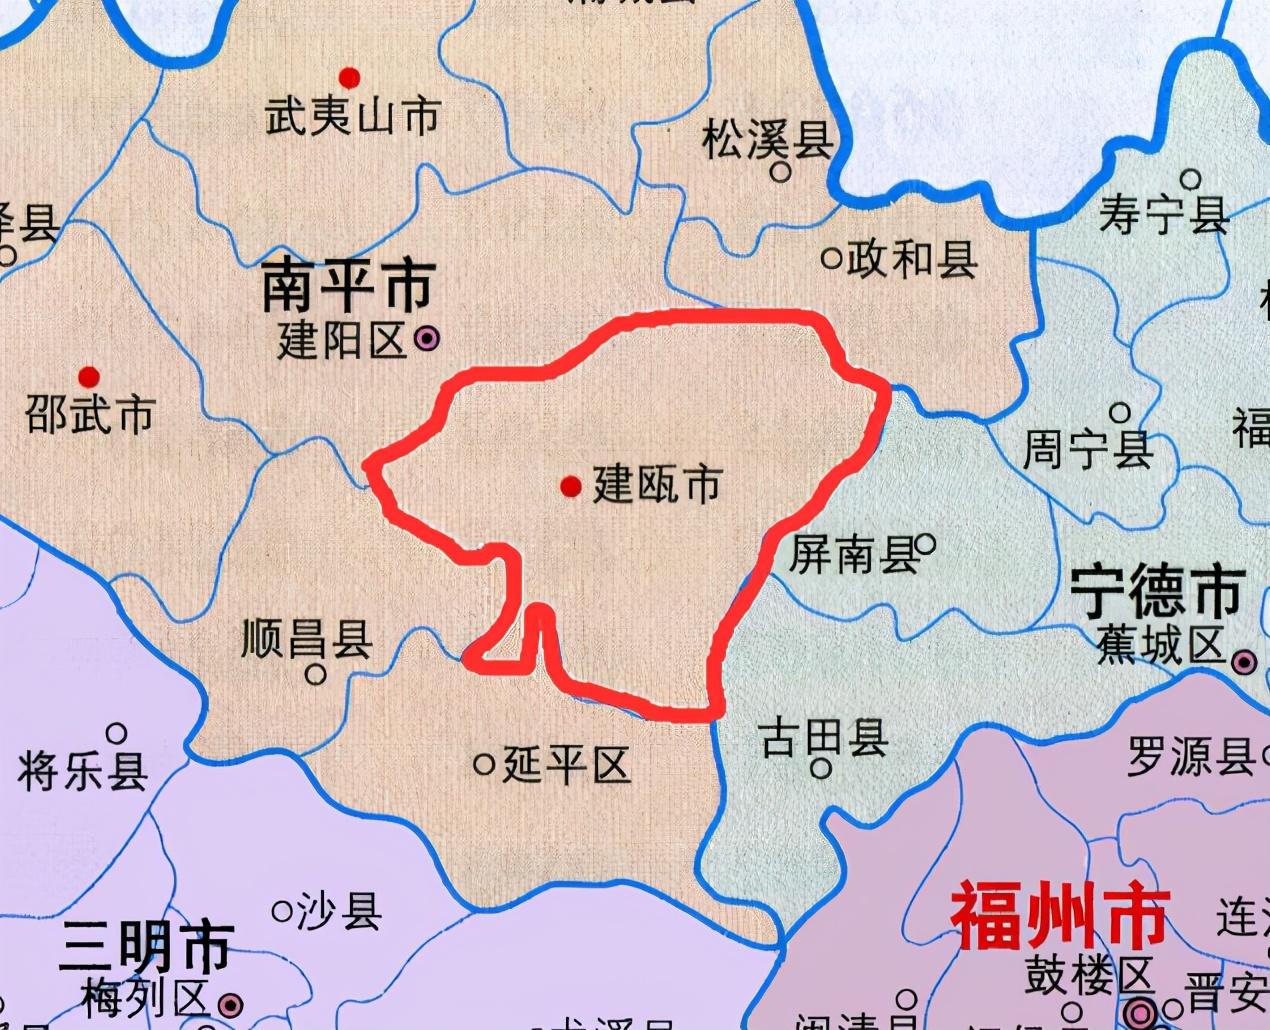 """福建第一大县:人口超55万,福建的""""建""""来自于此"""